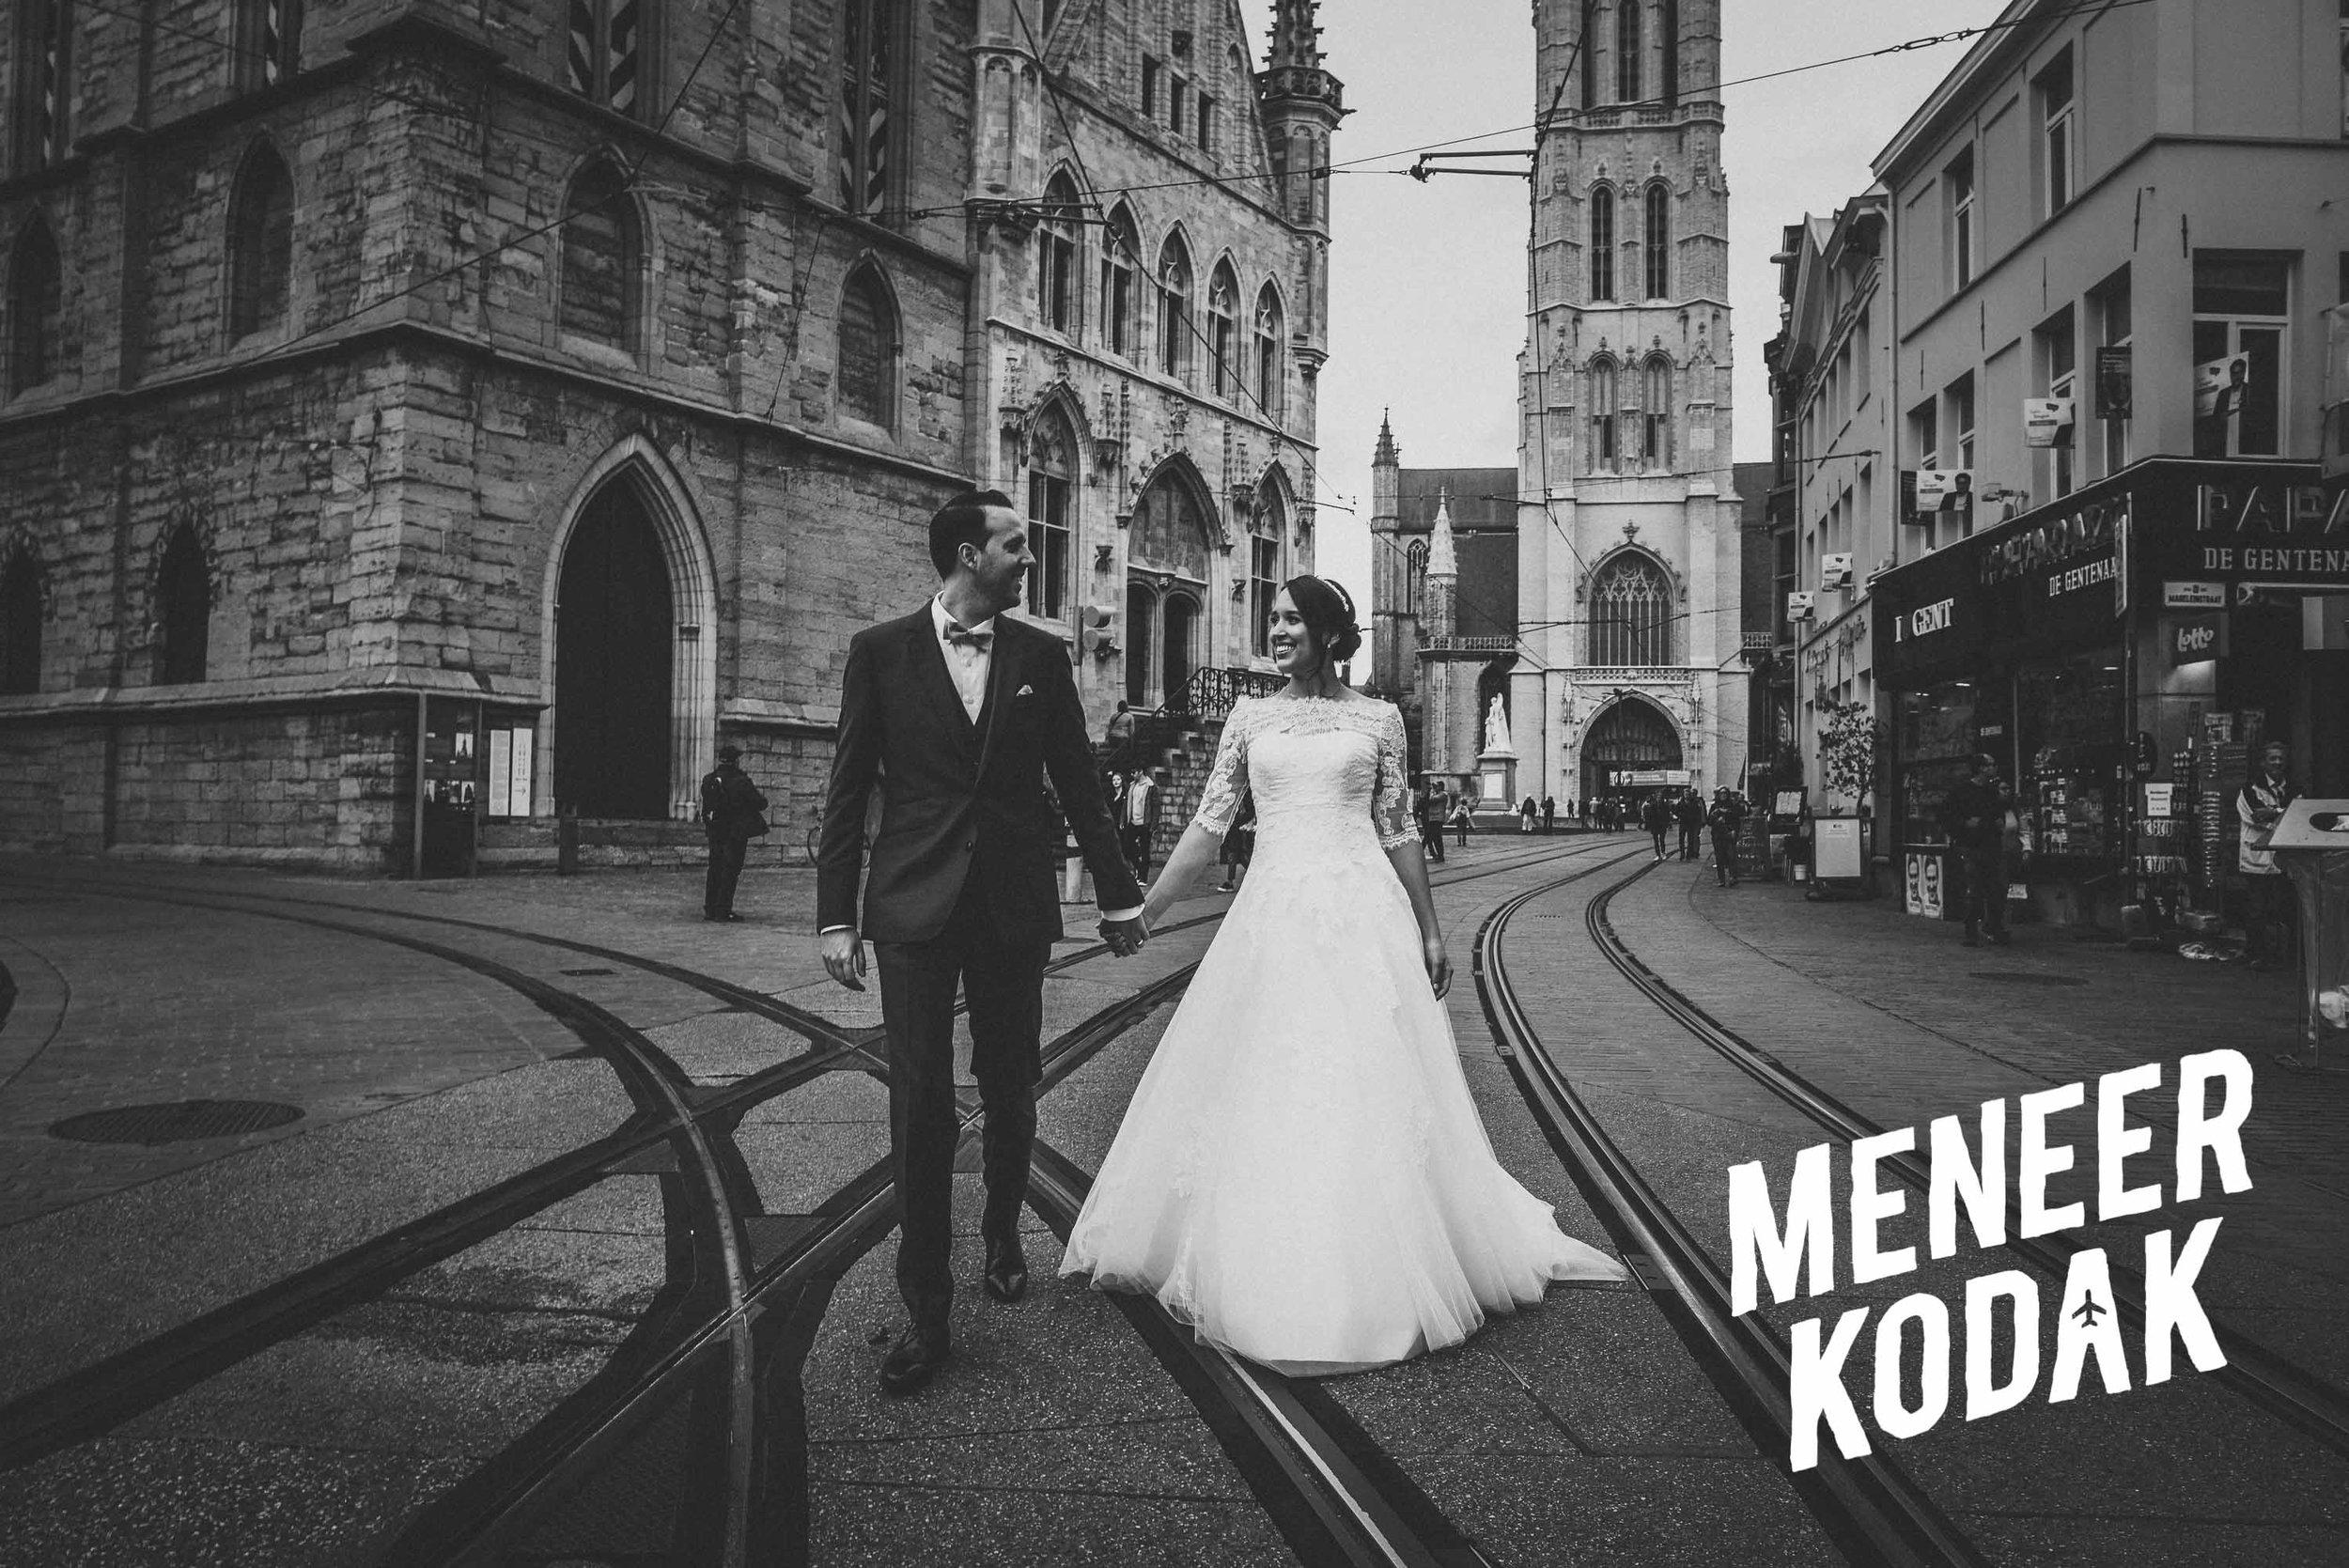 Meneer Kodak - Trouwfotograaf - Gent - D&T-040.jpg